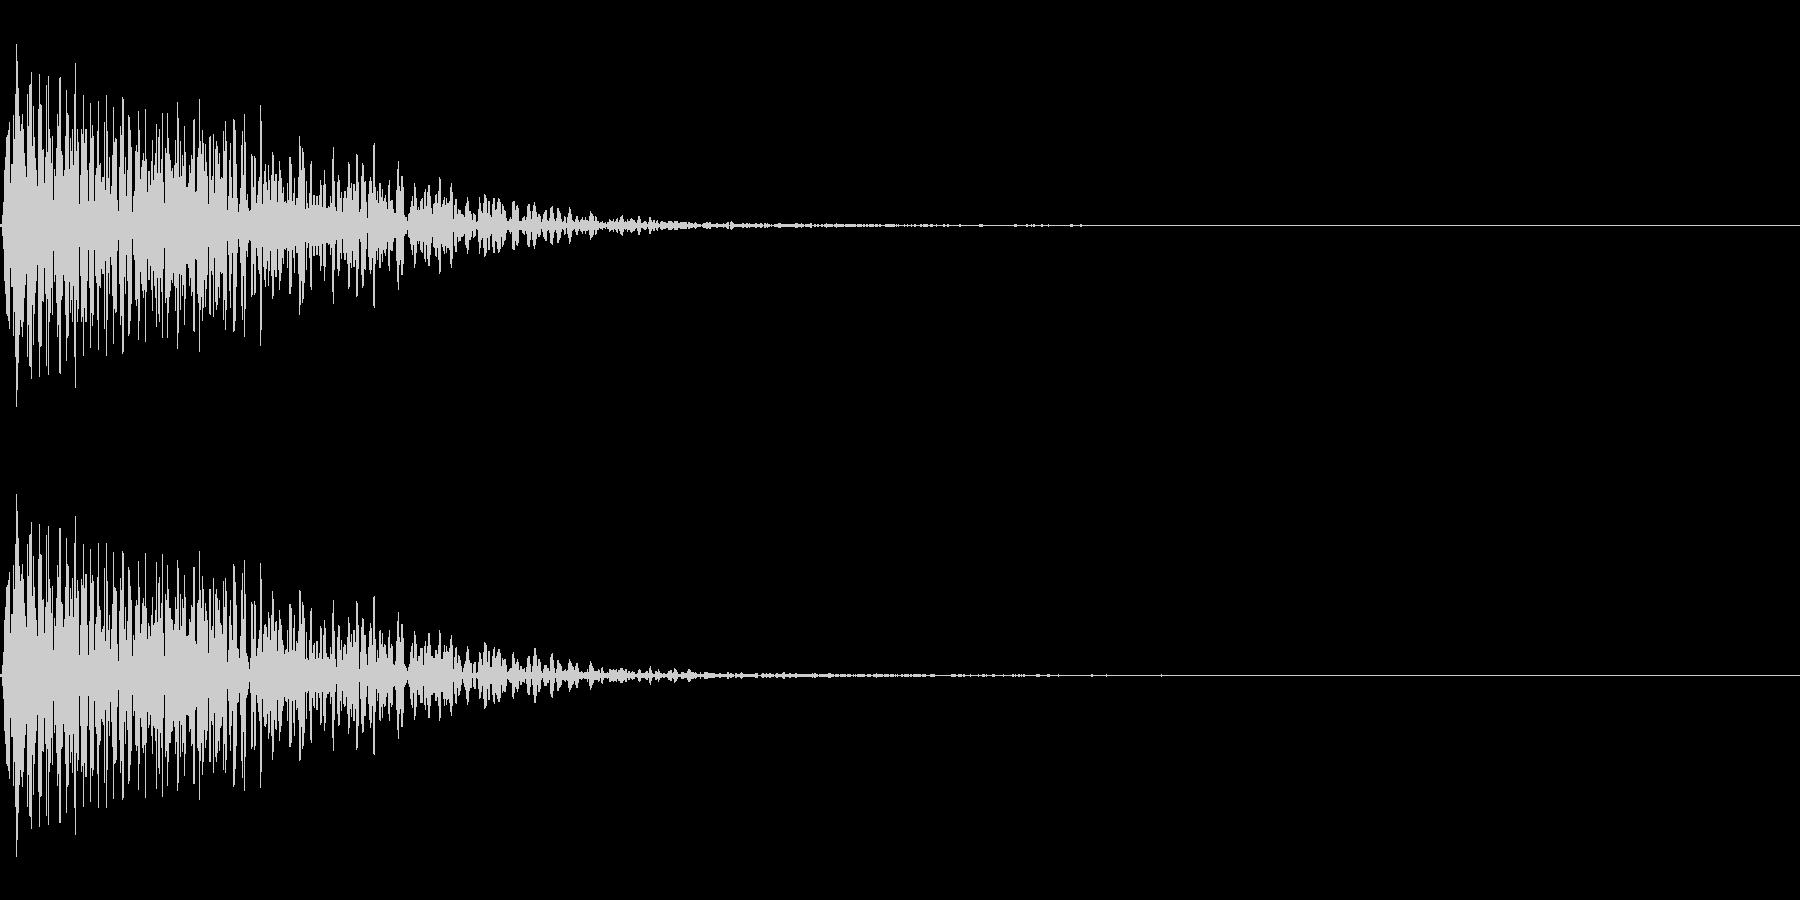 パワーダウン下降音 ドゥーンの未再生の波形